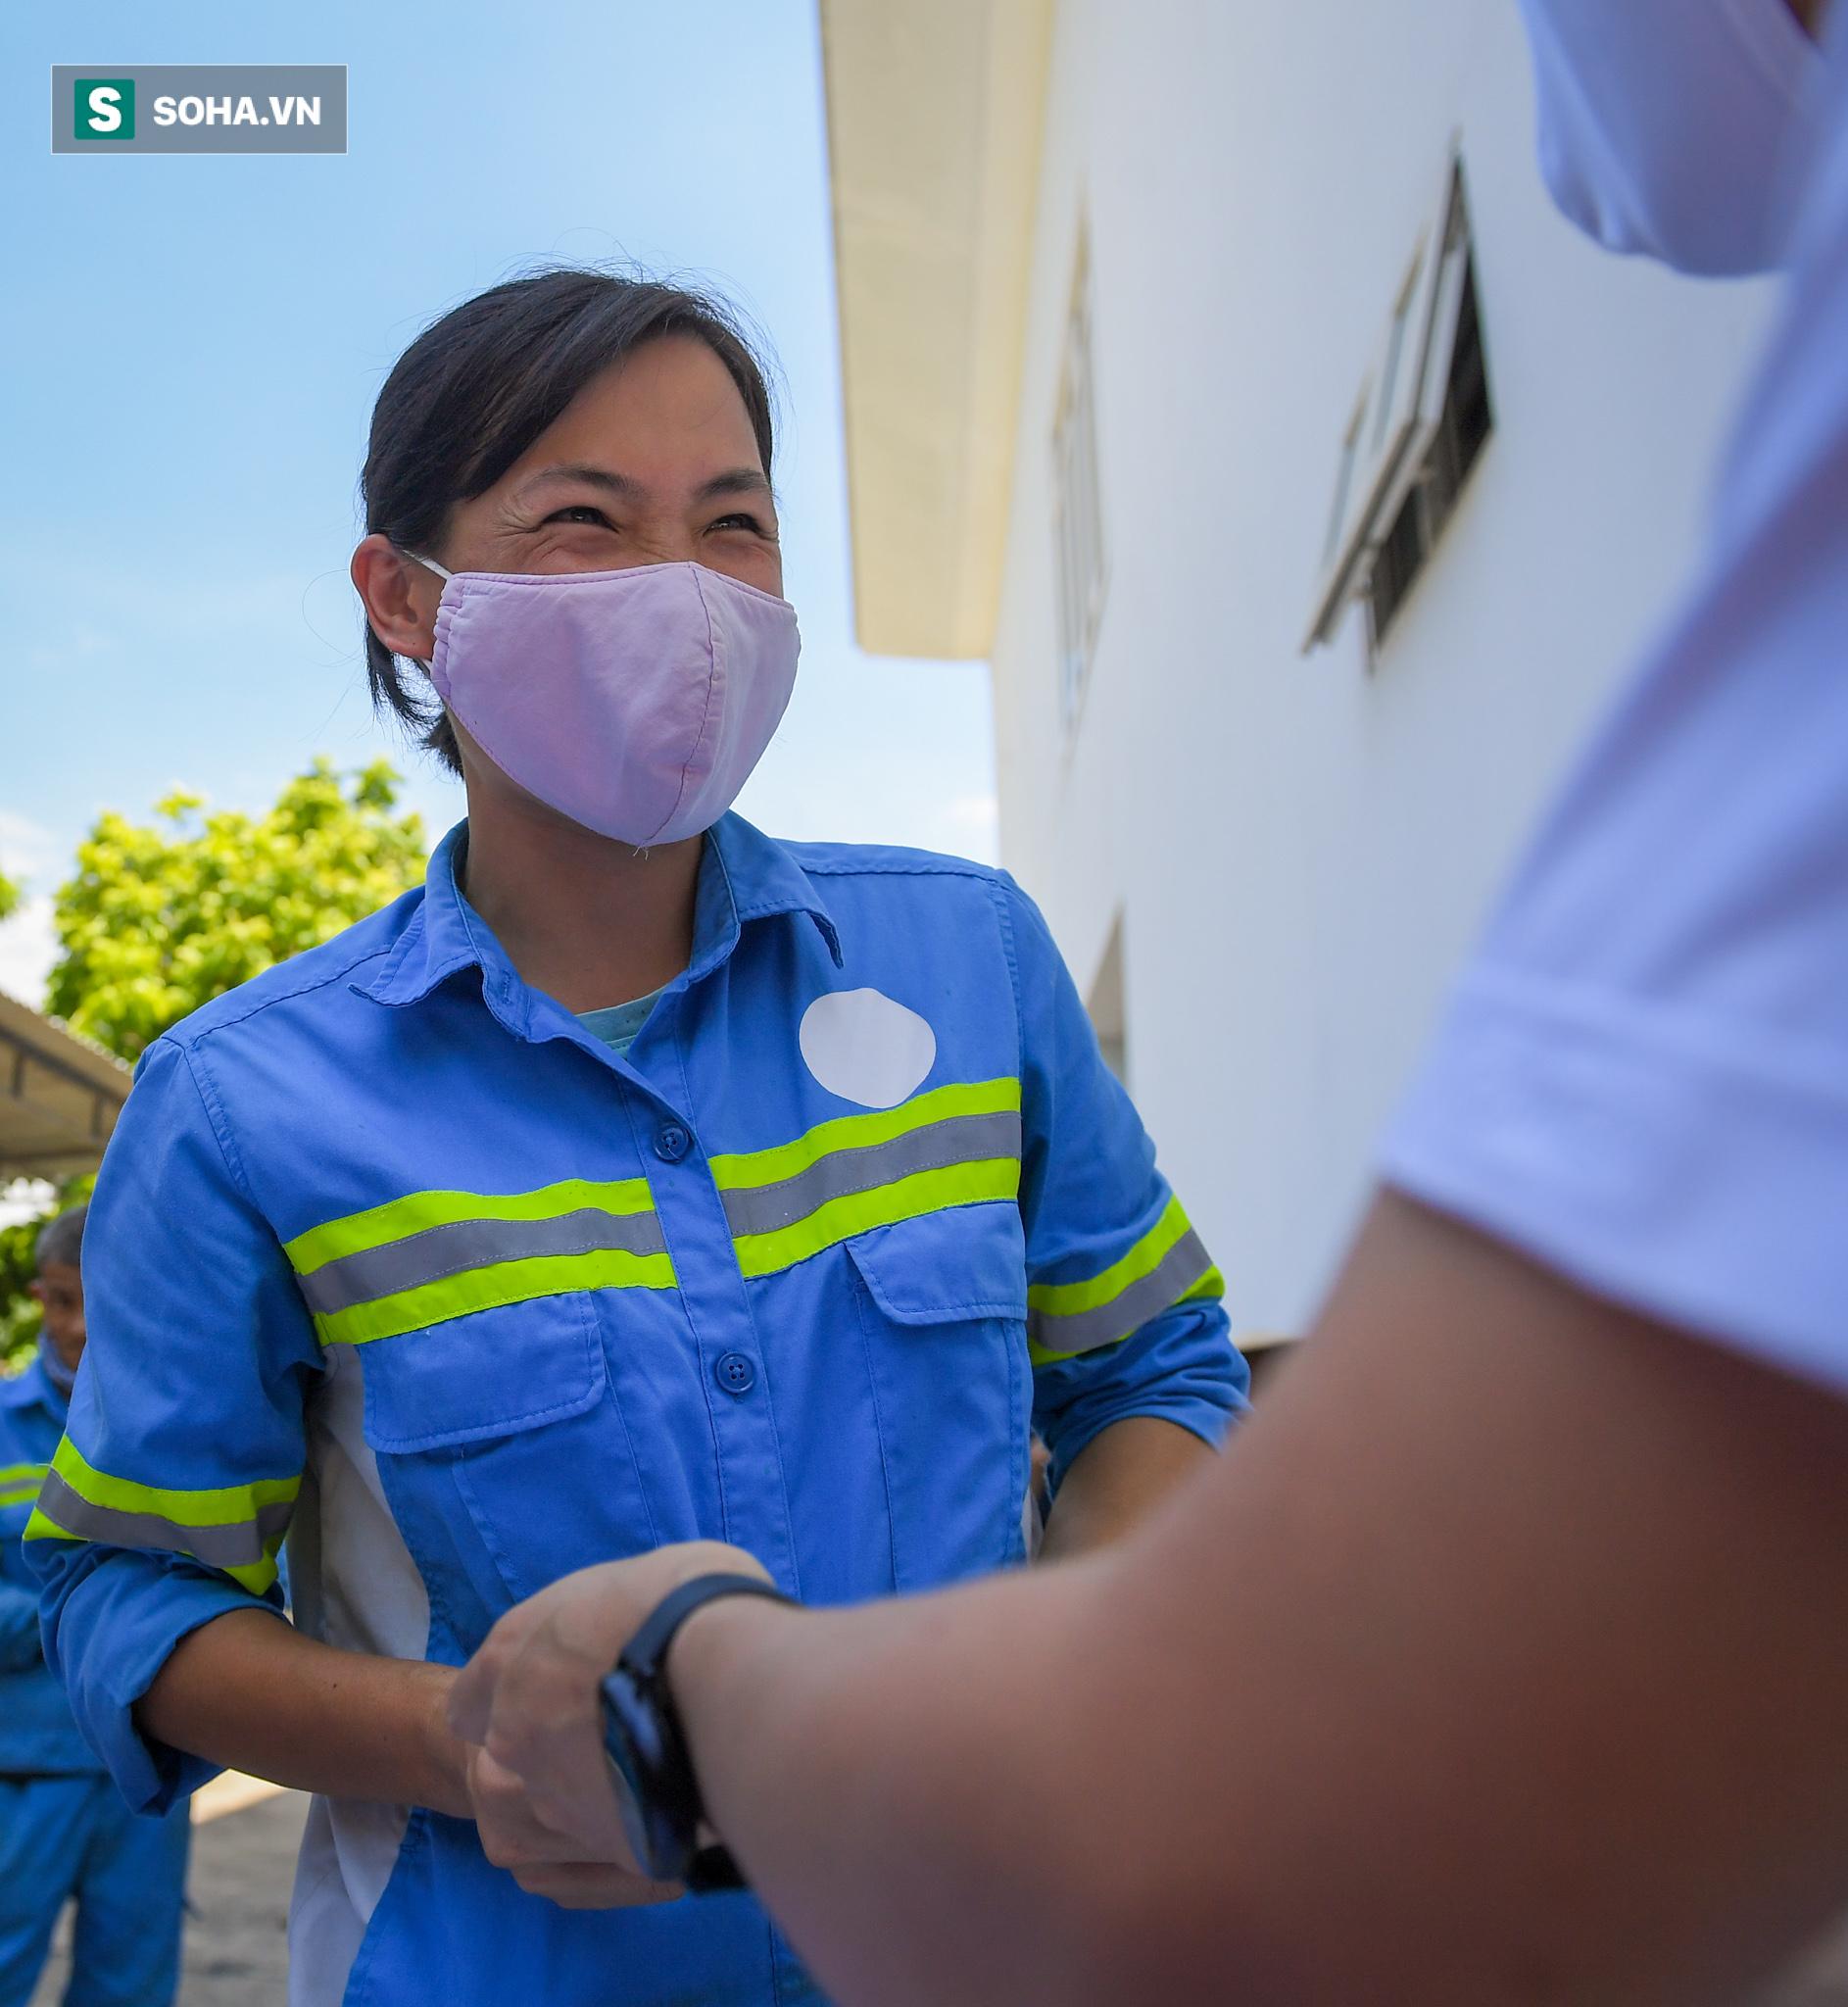 Cử nhân Triết học đi quét rác bị nợ lương: Hạnh phúc vì có nhiều người giúp đỡ, BTV Ngọc Trinh sẽ trả tiền học cho con - Ảnh 2.